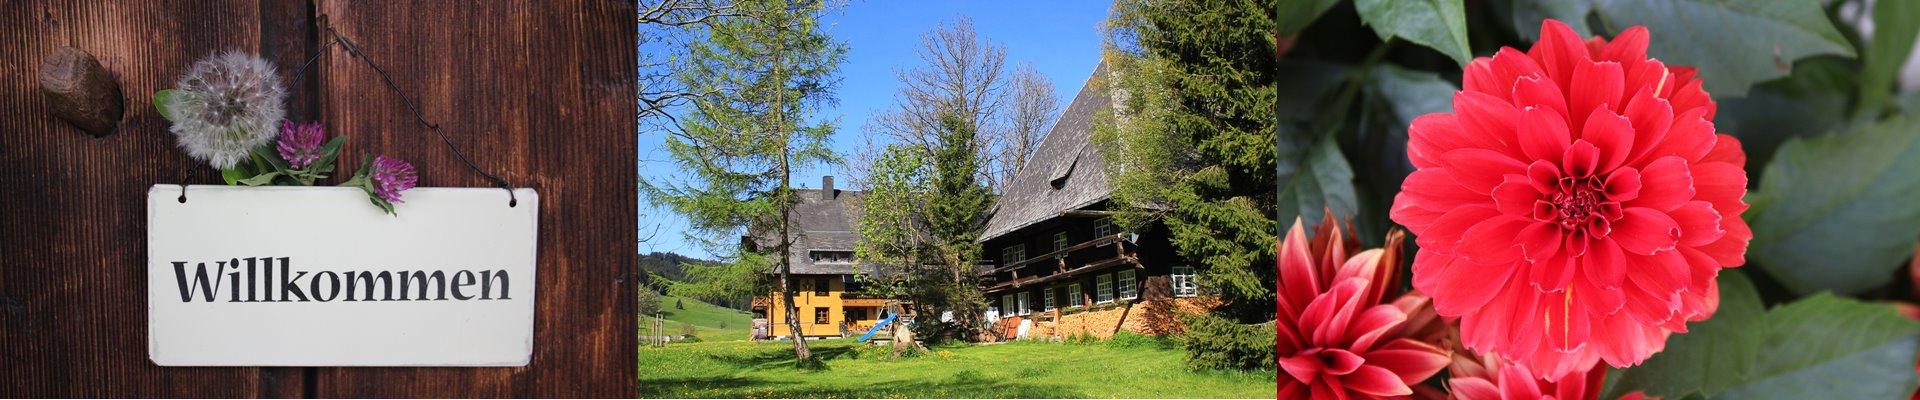 Collage: Willkommnesschild + Ferienhaus und Griesbachhof + rote Blume / Griesbachhof-Schwarzwald